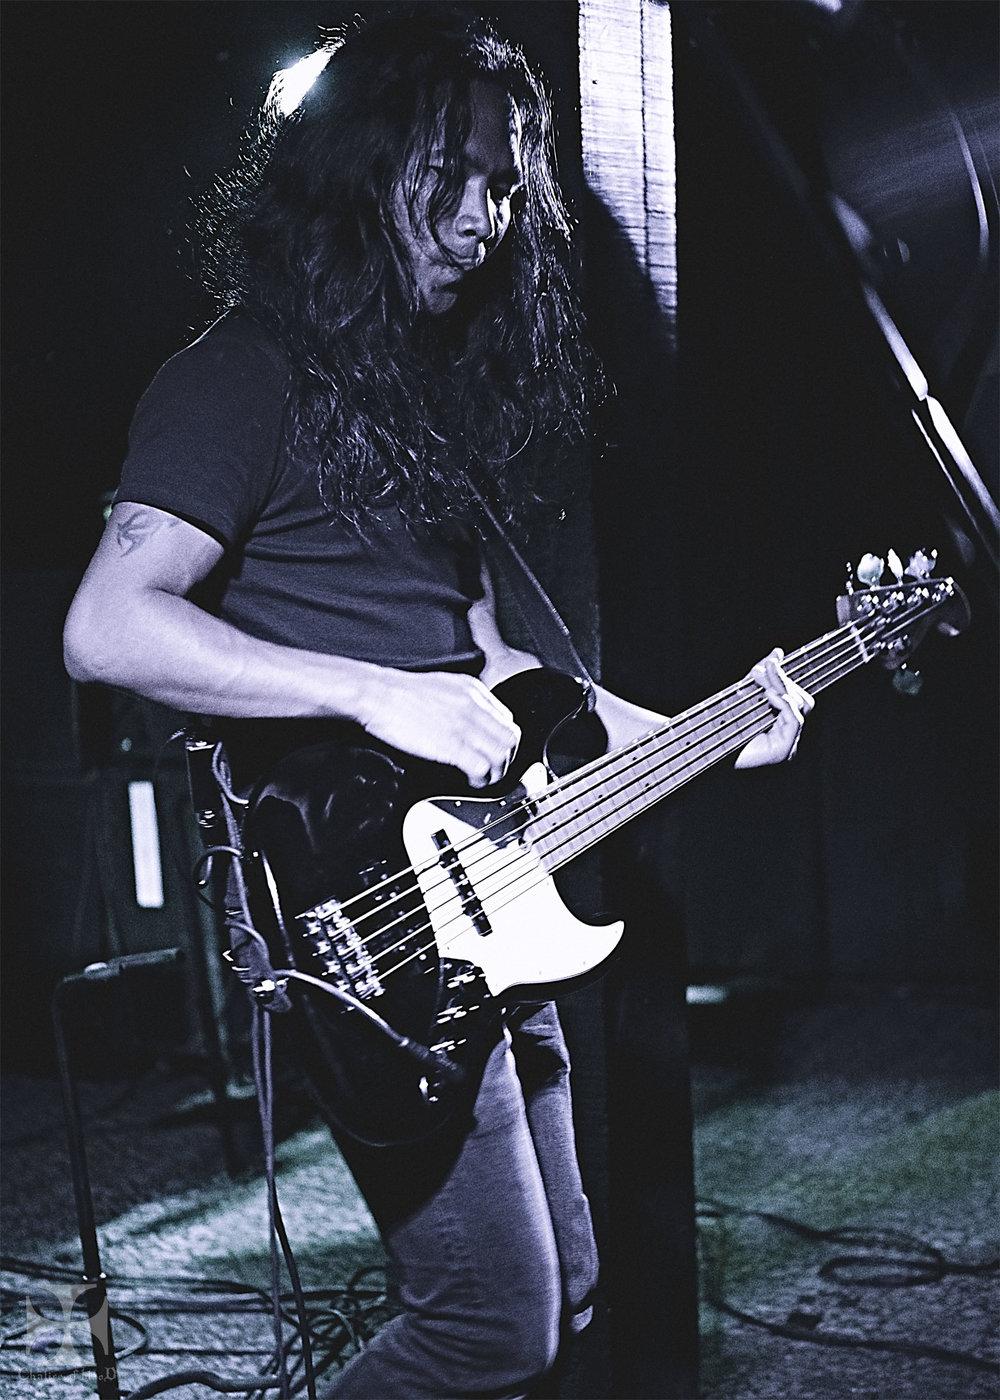 2017.04-Alcest---95-Exposure-watermarked.jpg